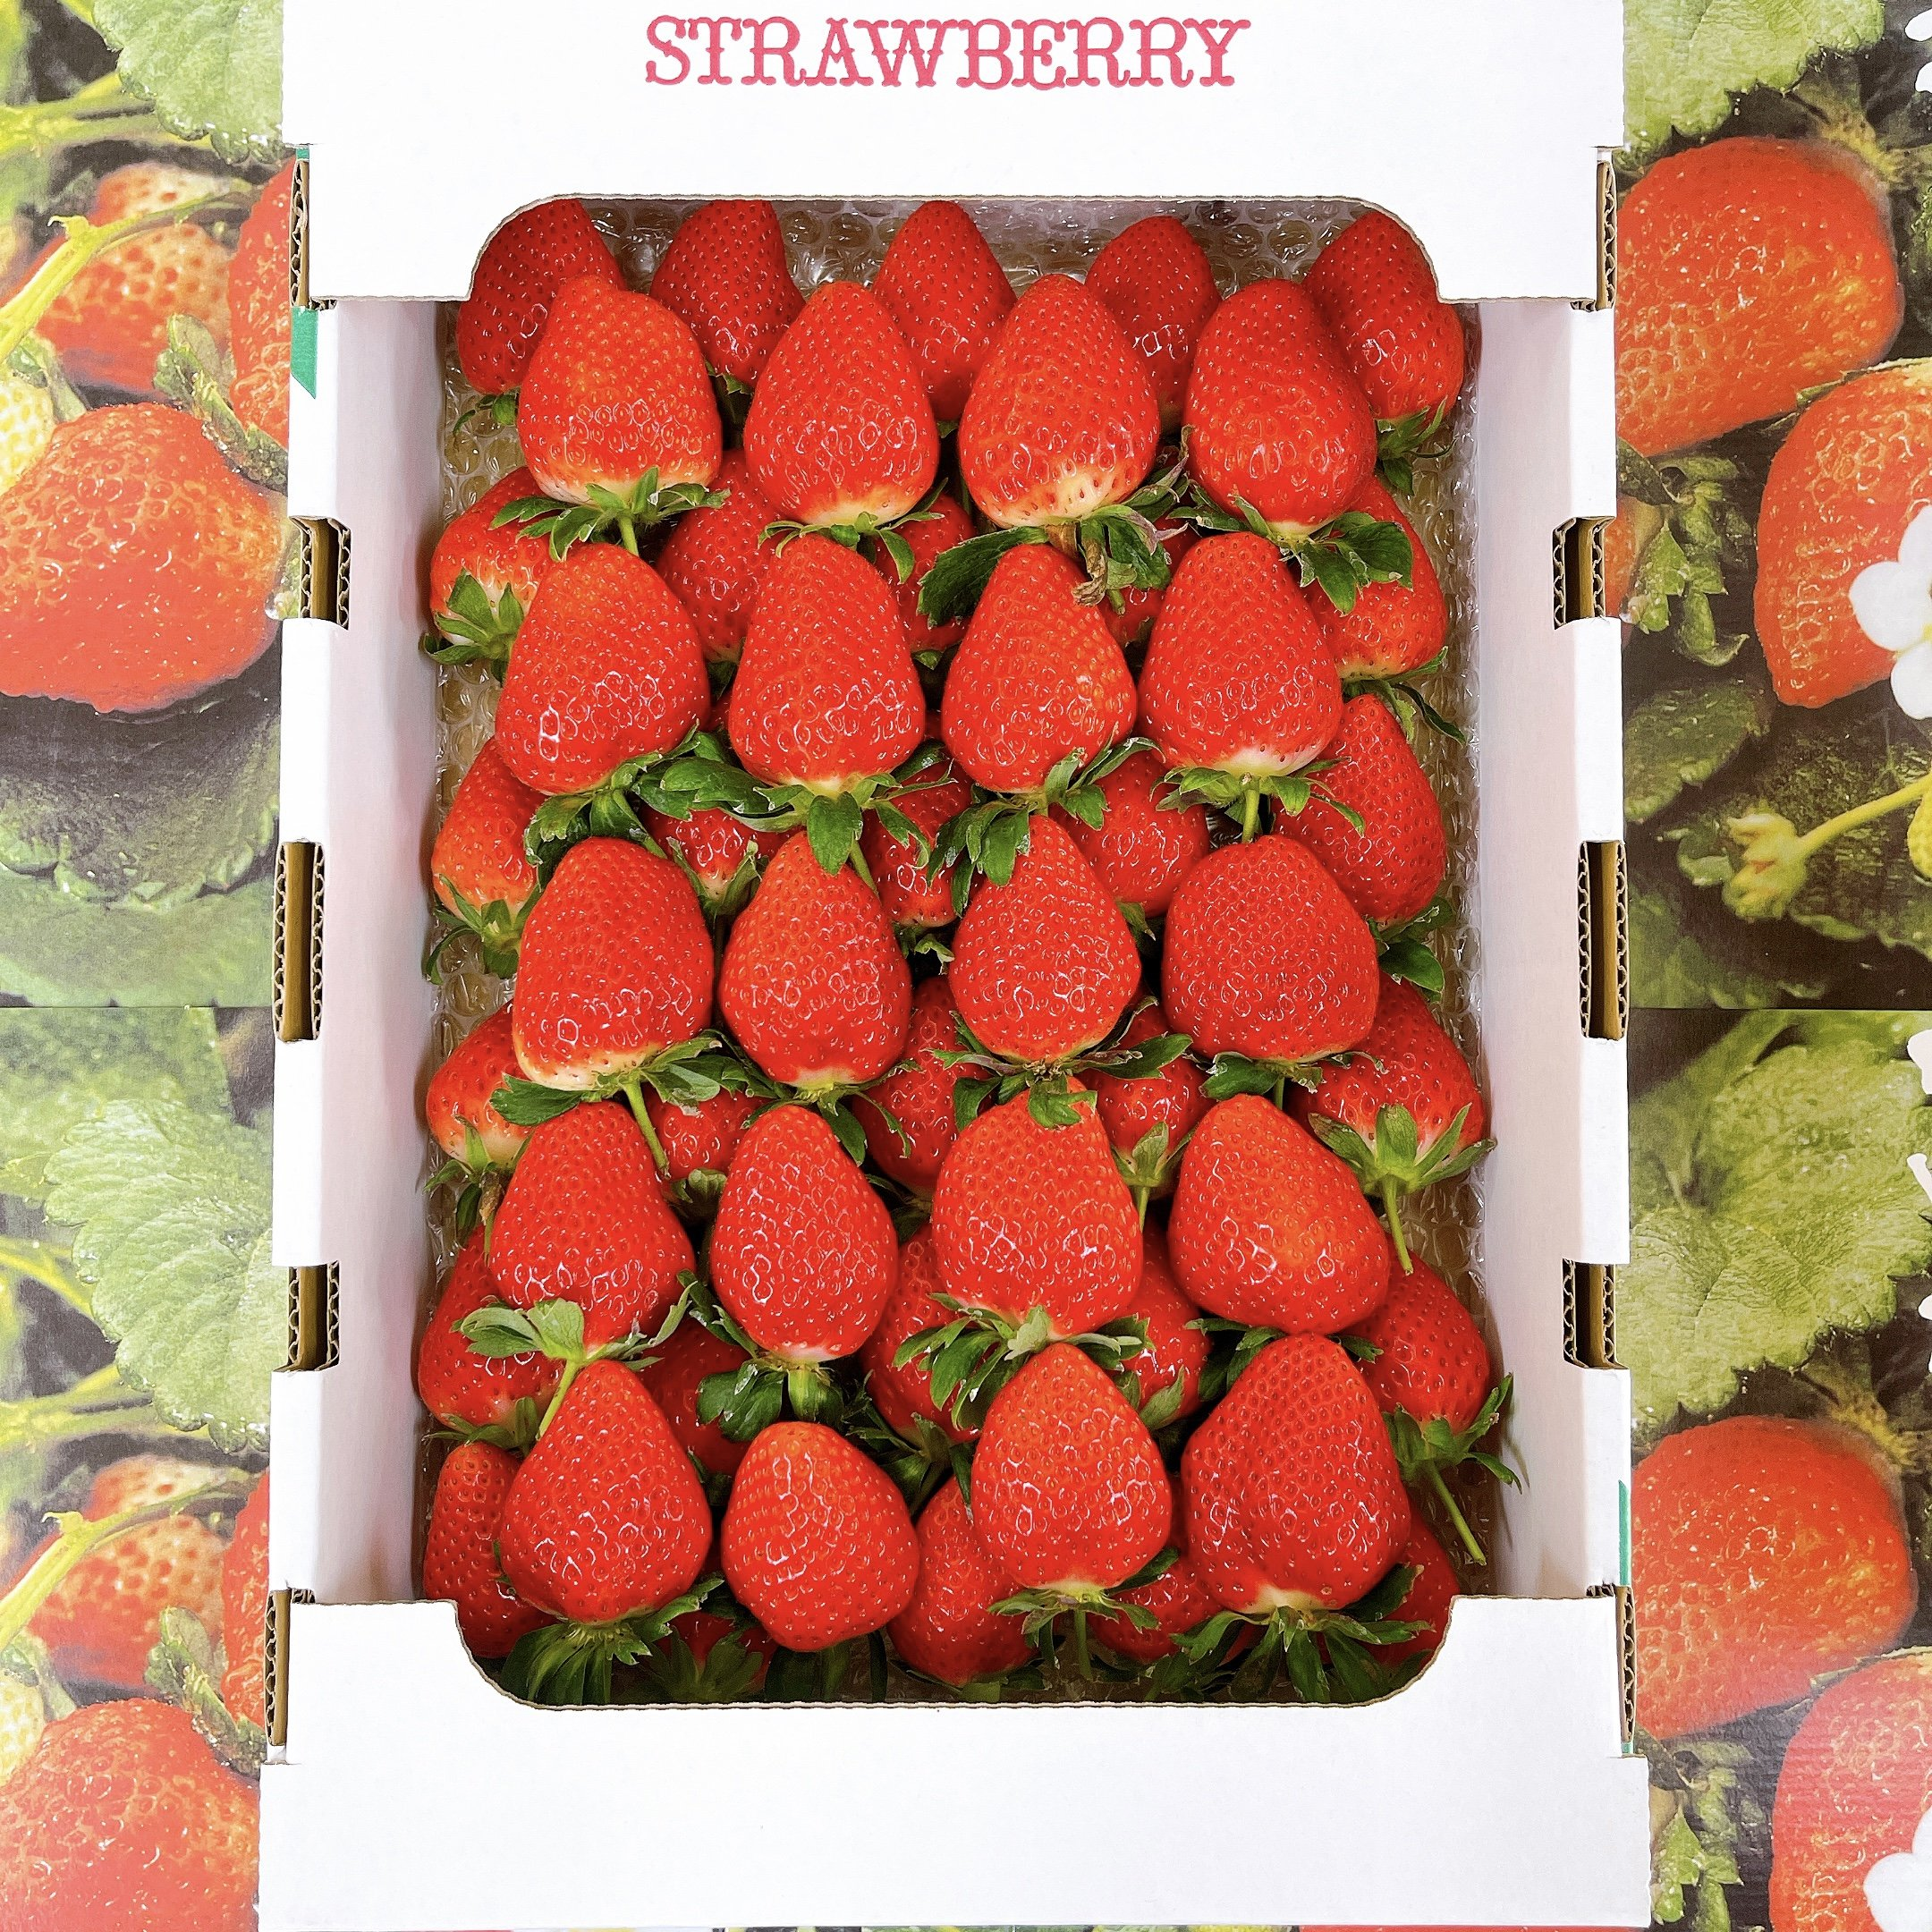 苺 さがほのか 鹿児島県産 大粒 約1.5㎏ 事前注文のイメージその1